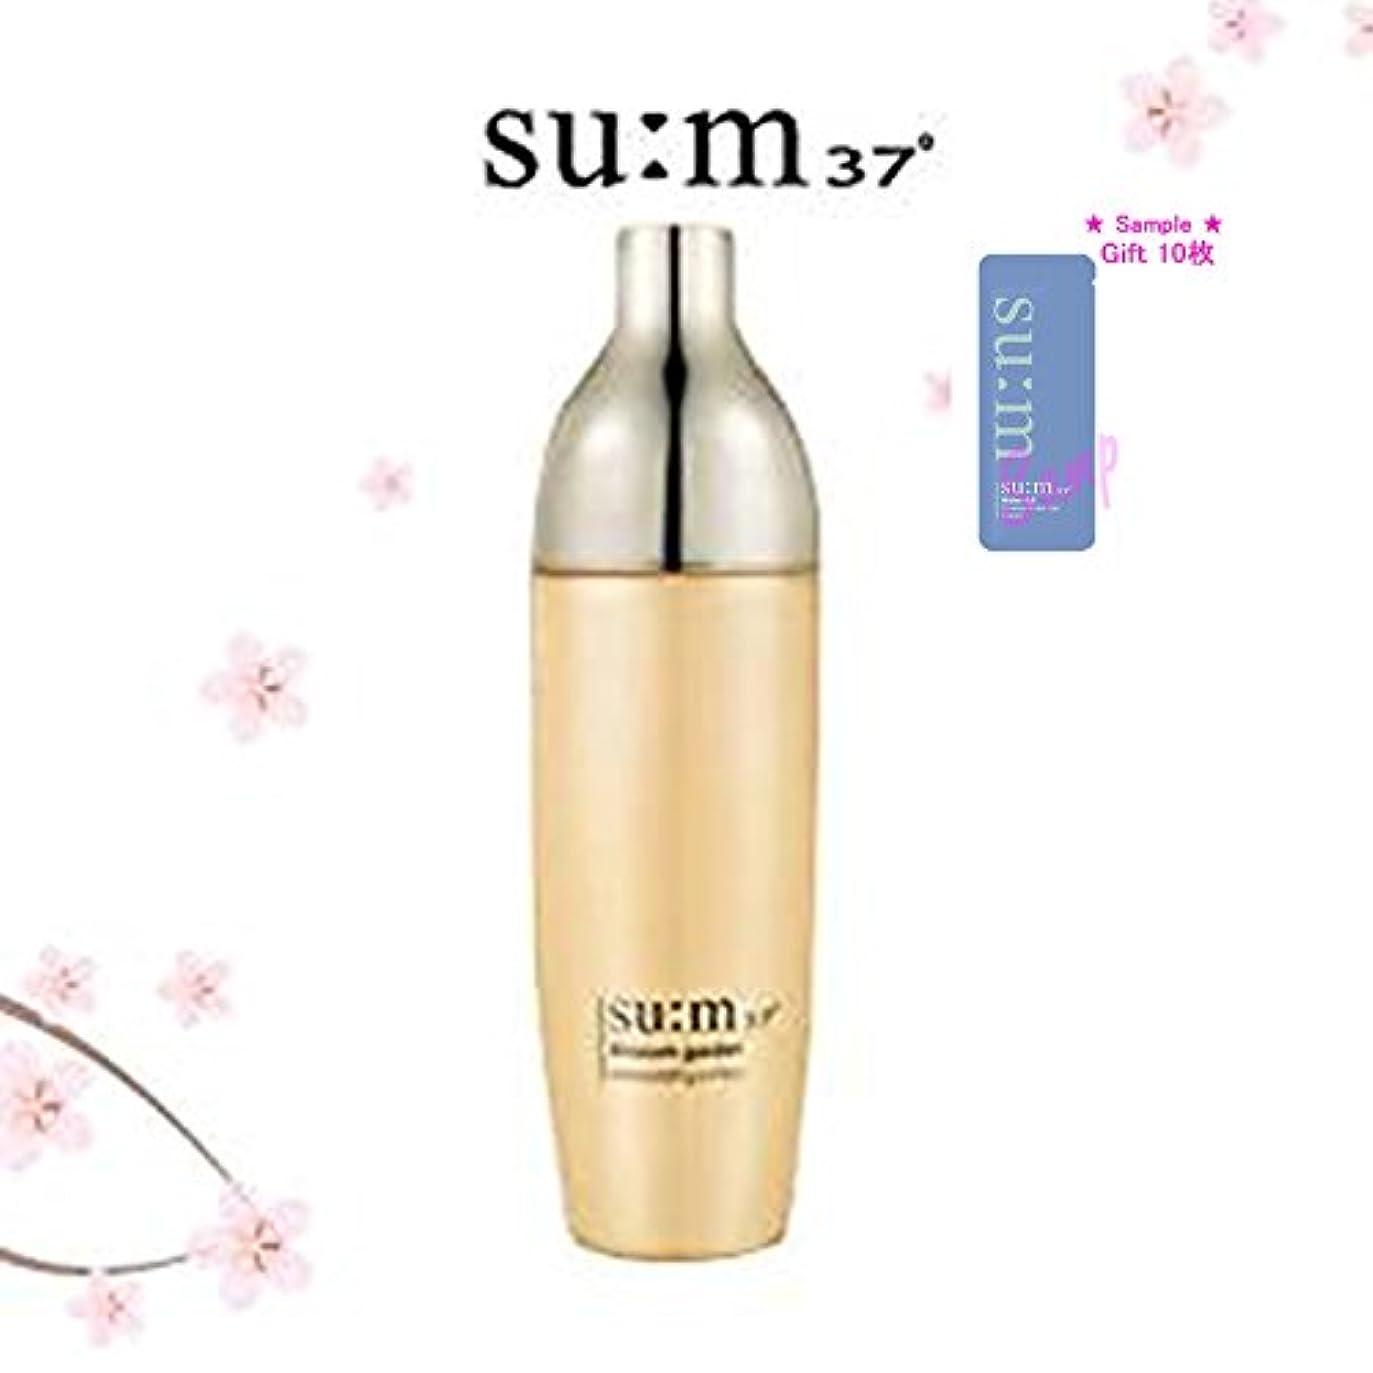 ロックユーモア精査sum37(スム37)ブロッサムガーデンモイスチャライジングスキン150ml(blossom garden moisturizing skin)